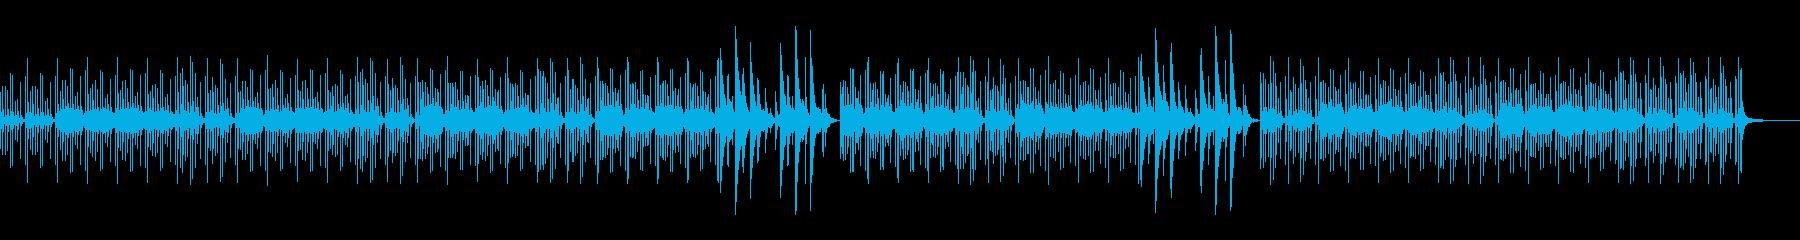 日常・ほのぼの・木・オーガニック・丁寧の再生済みの波形